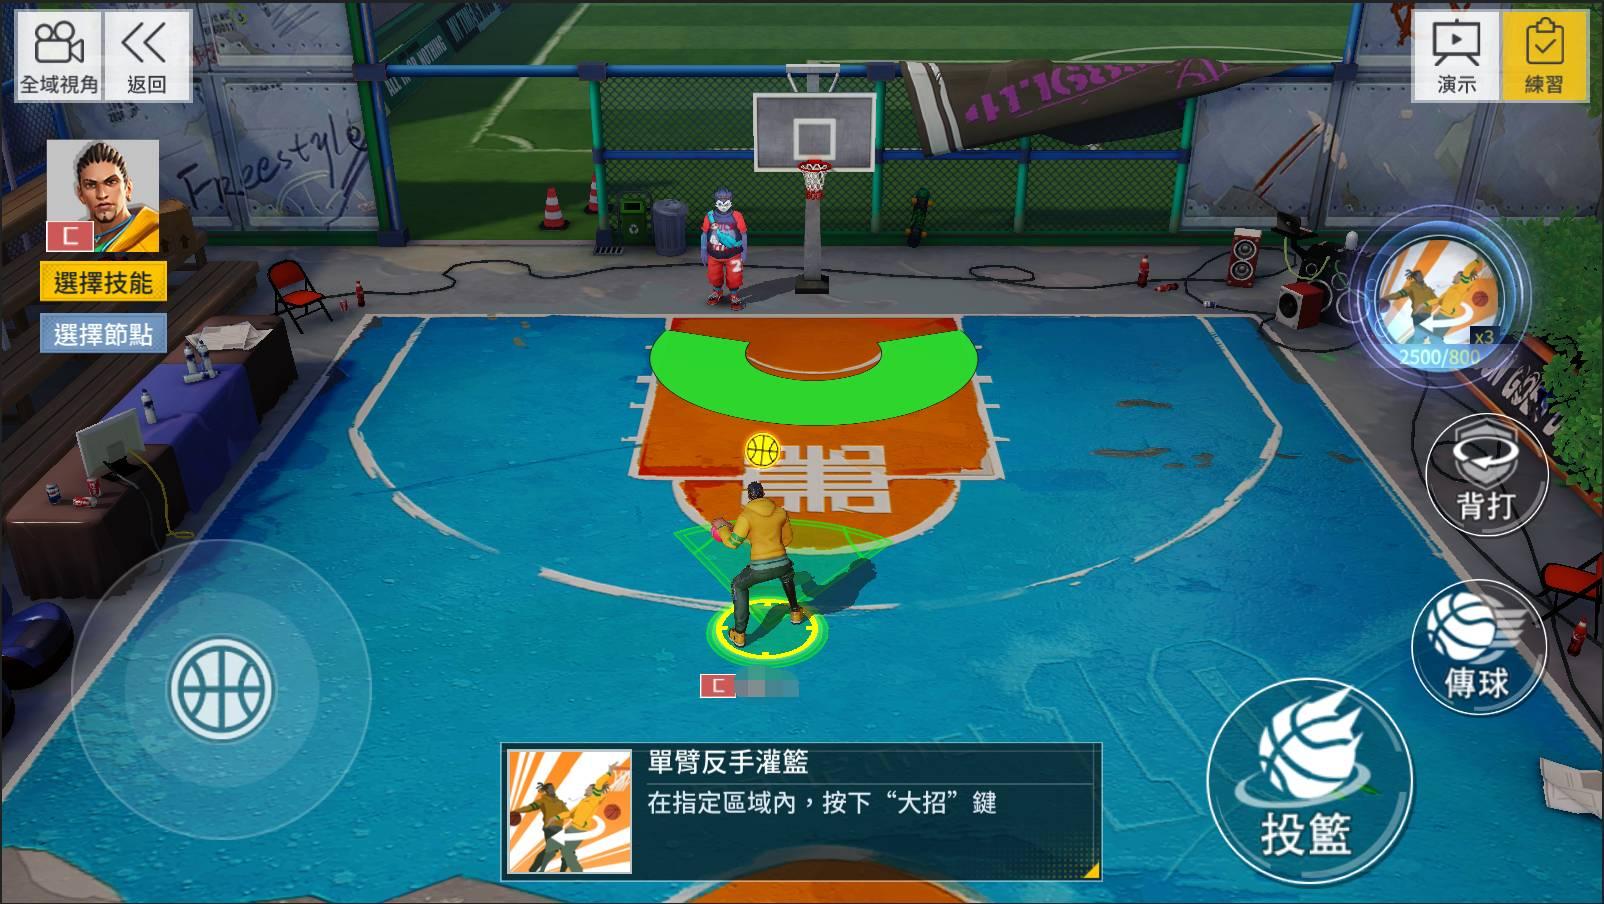 【攻略】《街頭籃球2:正宗續作》遊戲基礎觀念和觀念分享